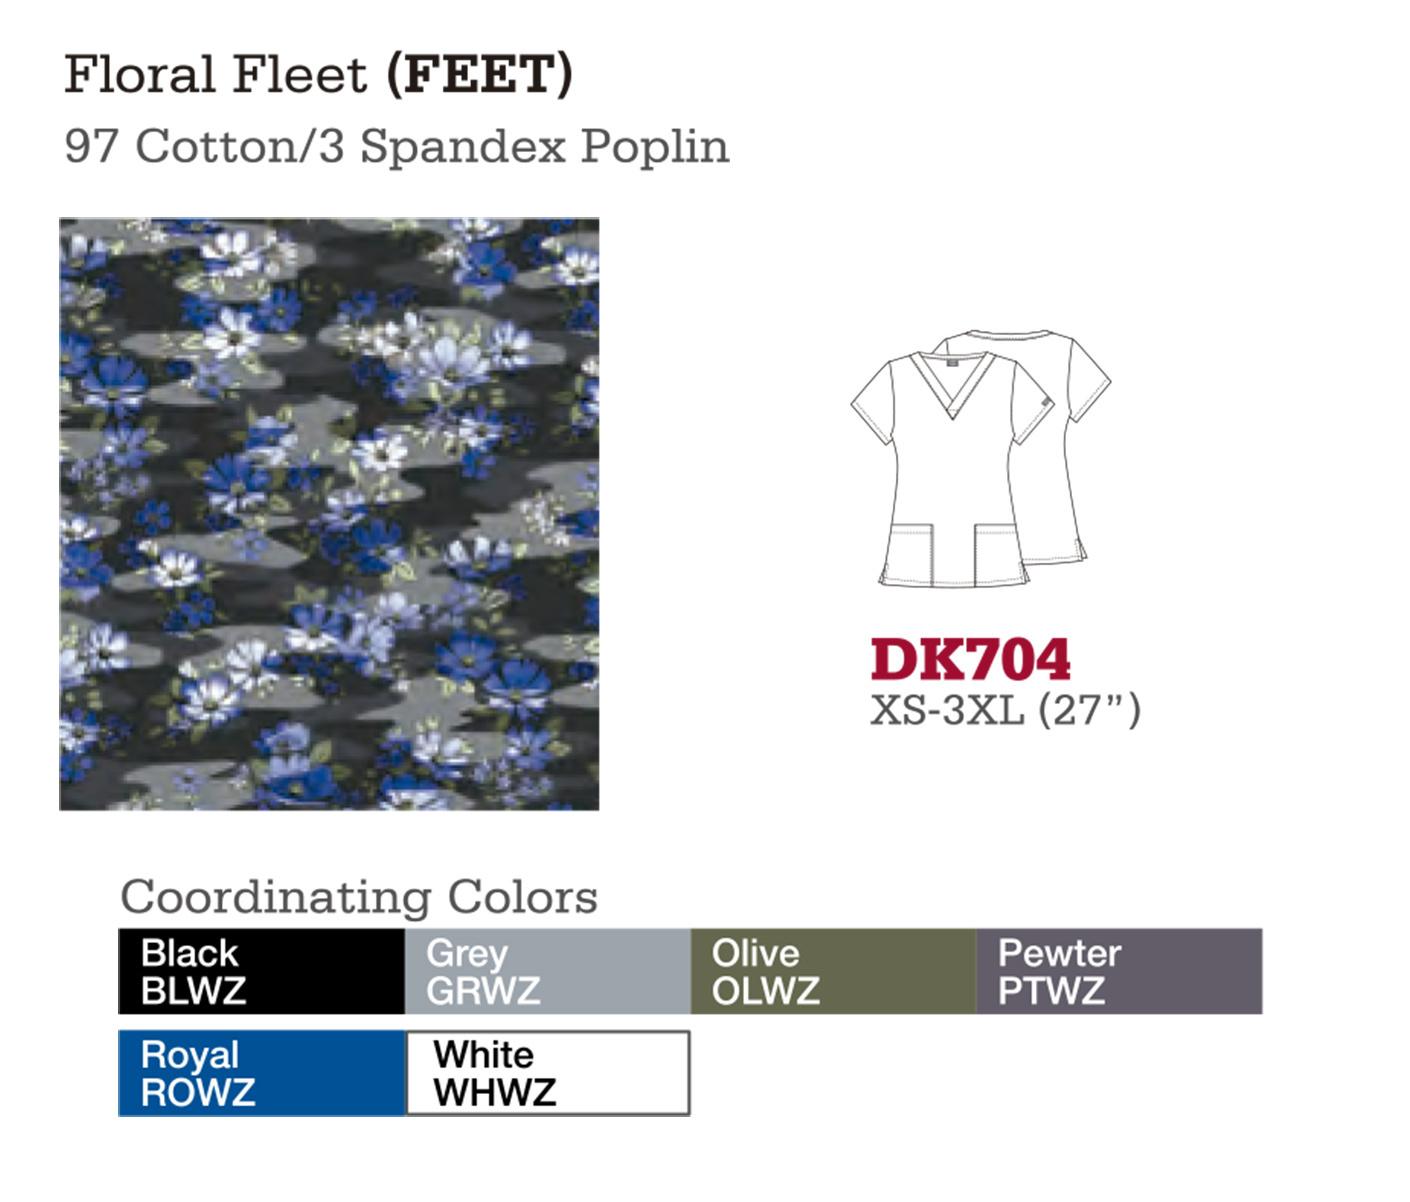 Floral Fleet. DK704.